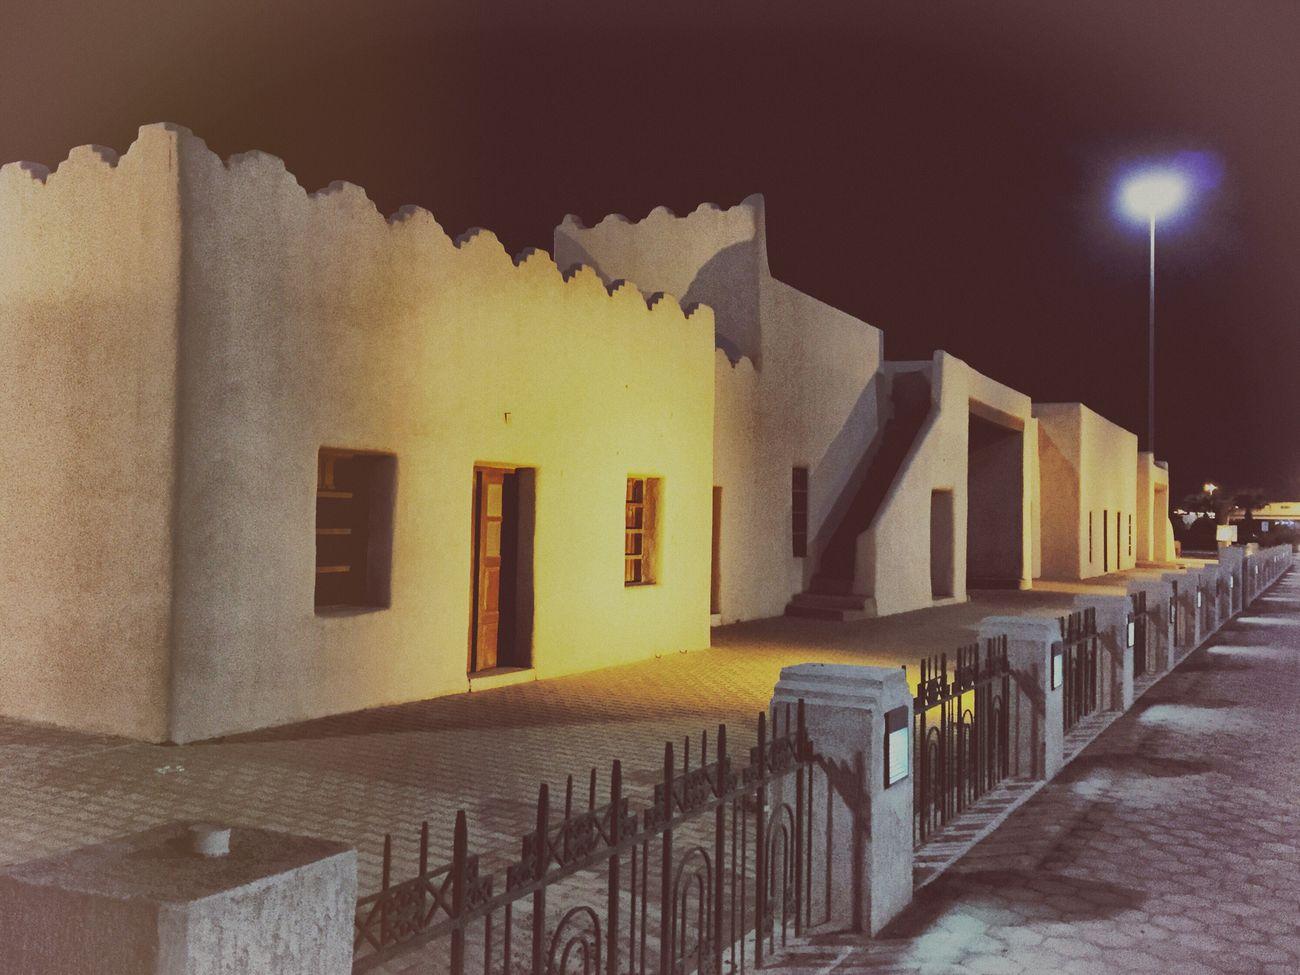 Old shamiya Gate in Kuwait City